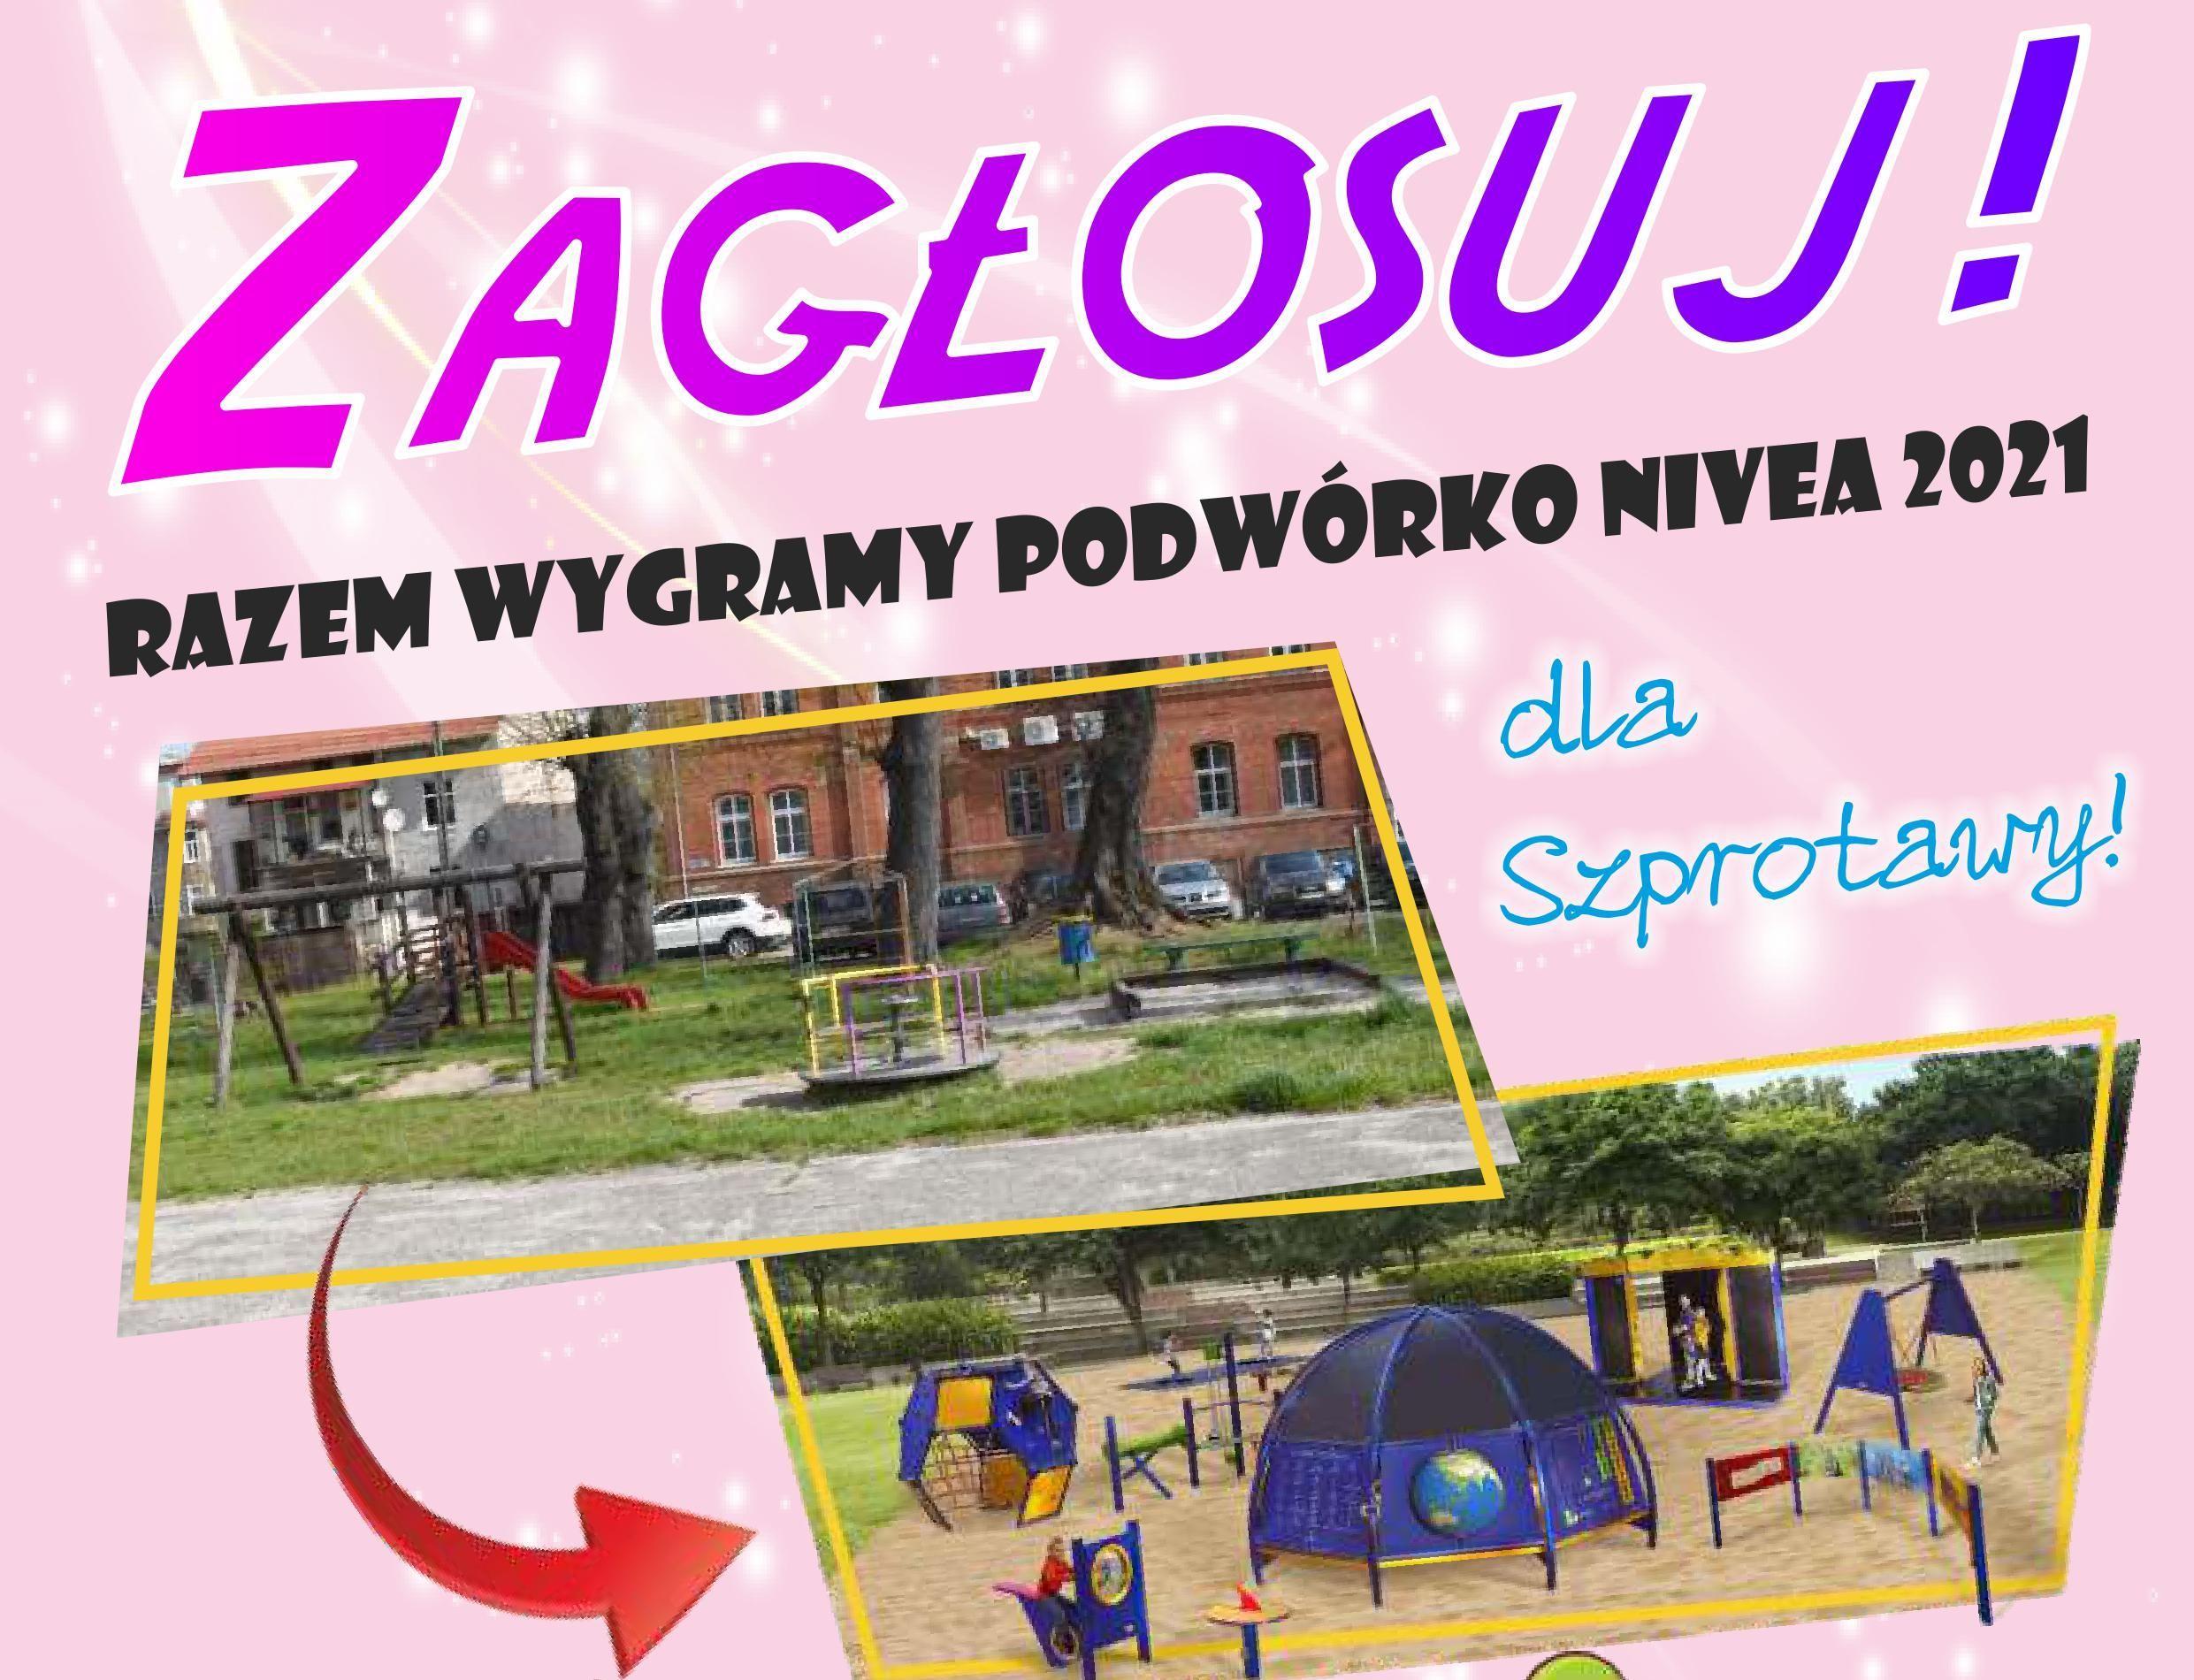 Ilustracja do informacji: Zagłosuj - razem wygramy Podwórko NIVEA dla Szprotawy!